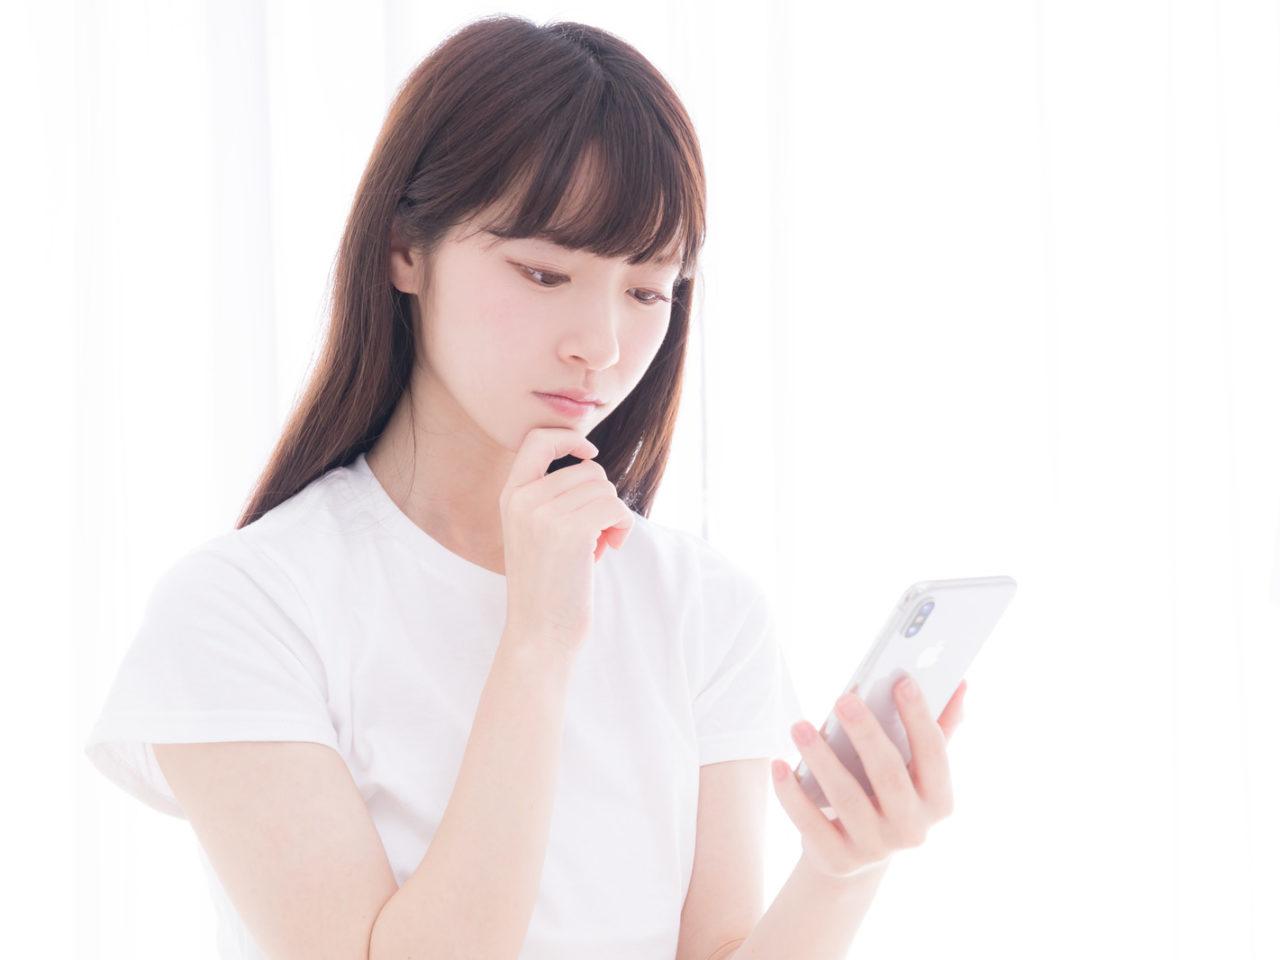 iOS14のiPhoneでアイコン変更方法はショートカットアプリ以外にある?のサムネイル画像